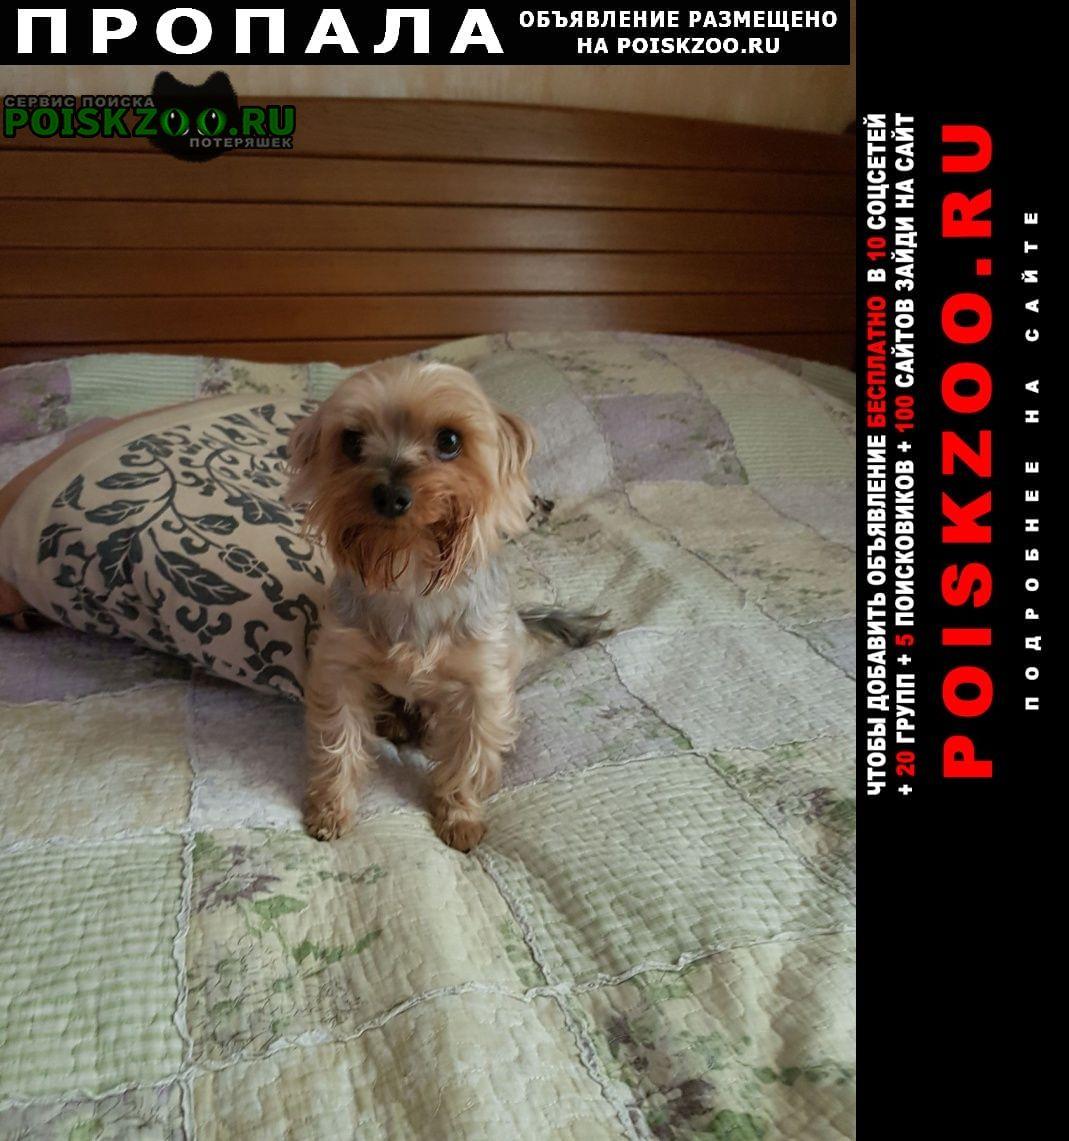 Пропала собака кобель йоркширский терьер Севастополь